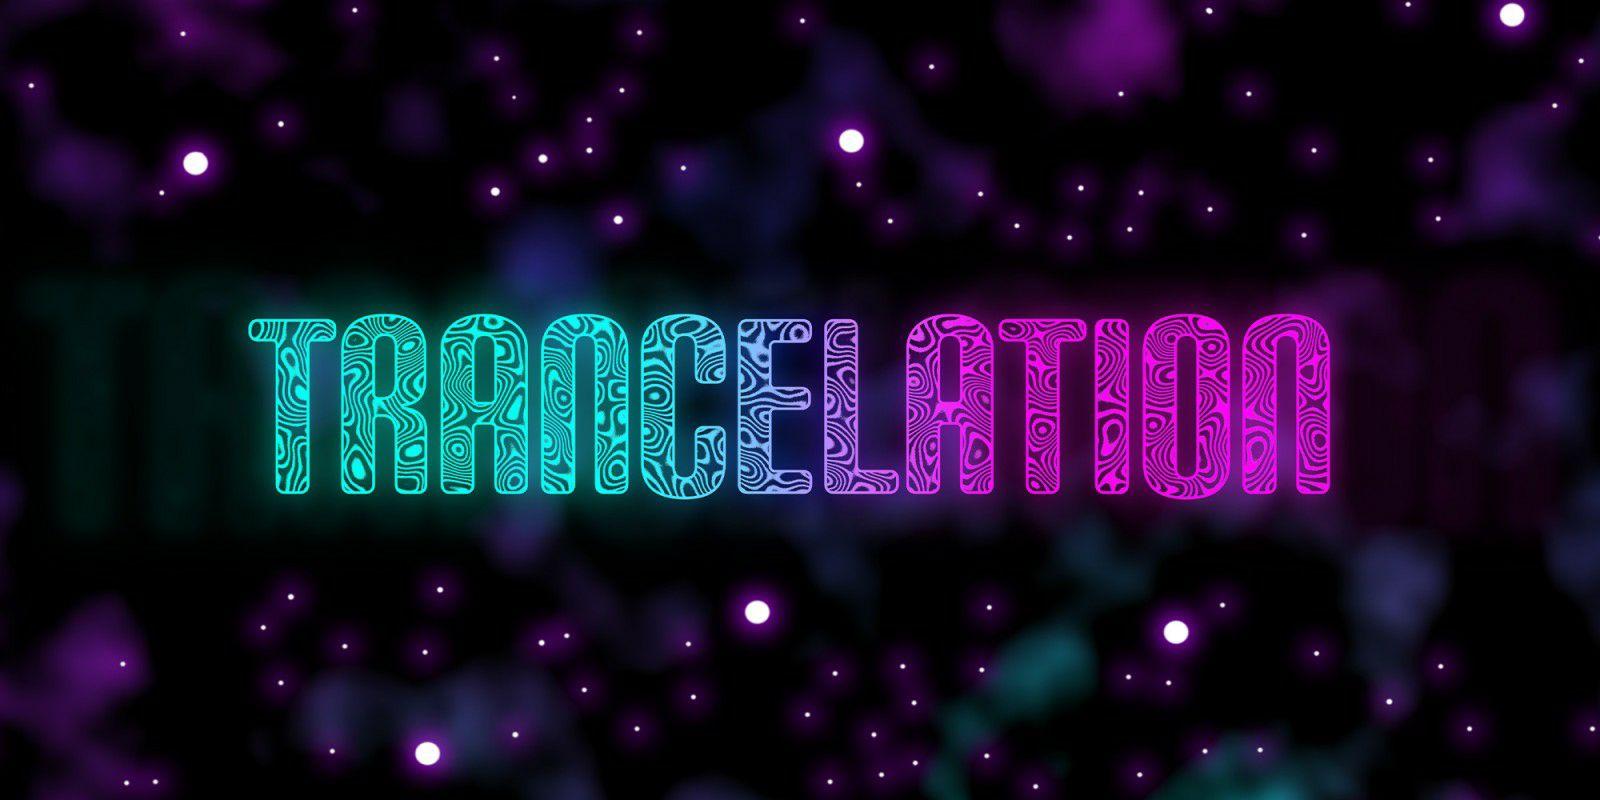 Trancelation gratis Switch (si ya has obtenido un juego de Baltoro)